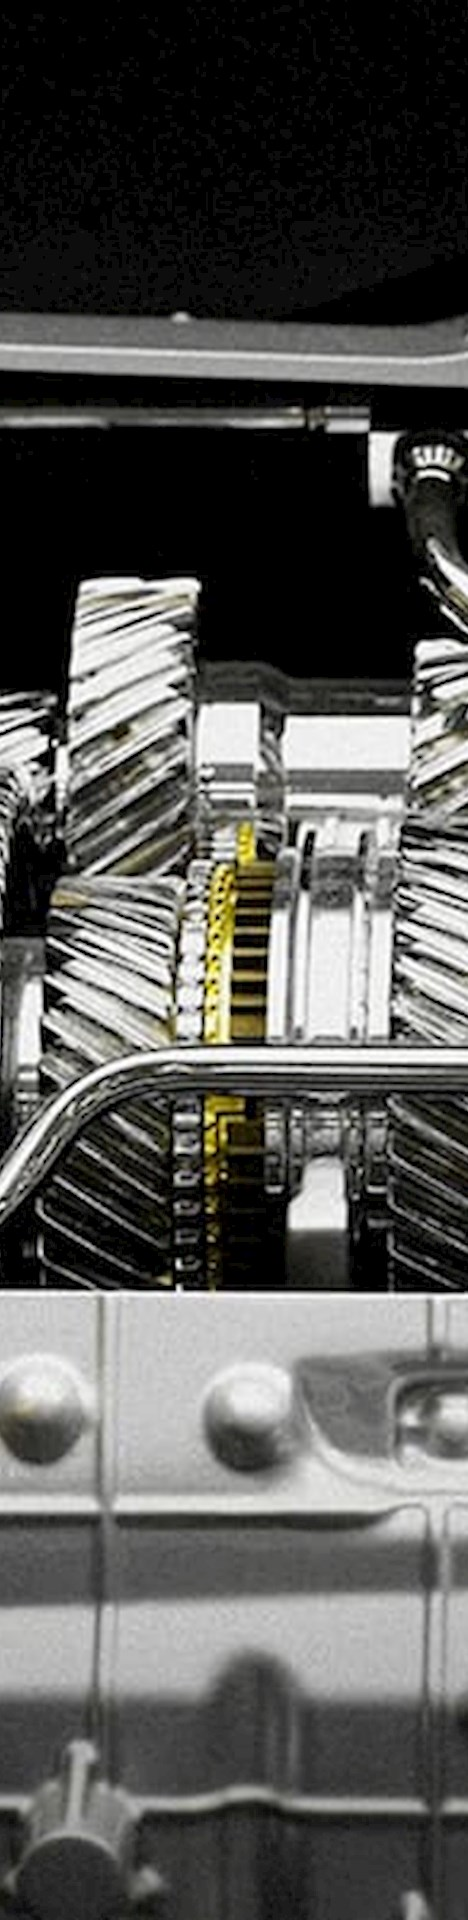 Zusammenarbeit zwischen Technikern Automotive